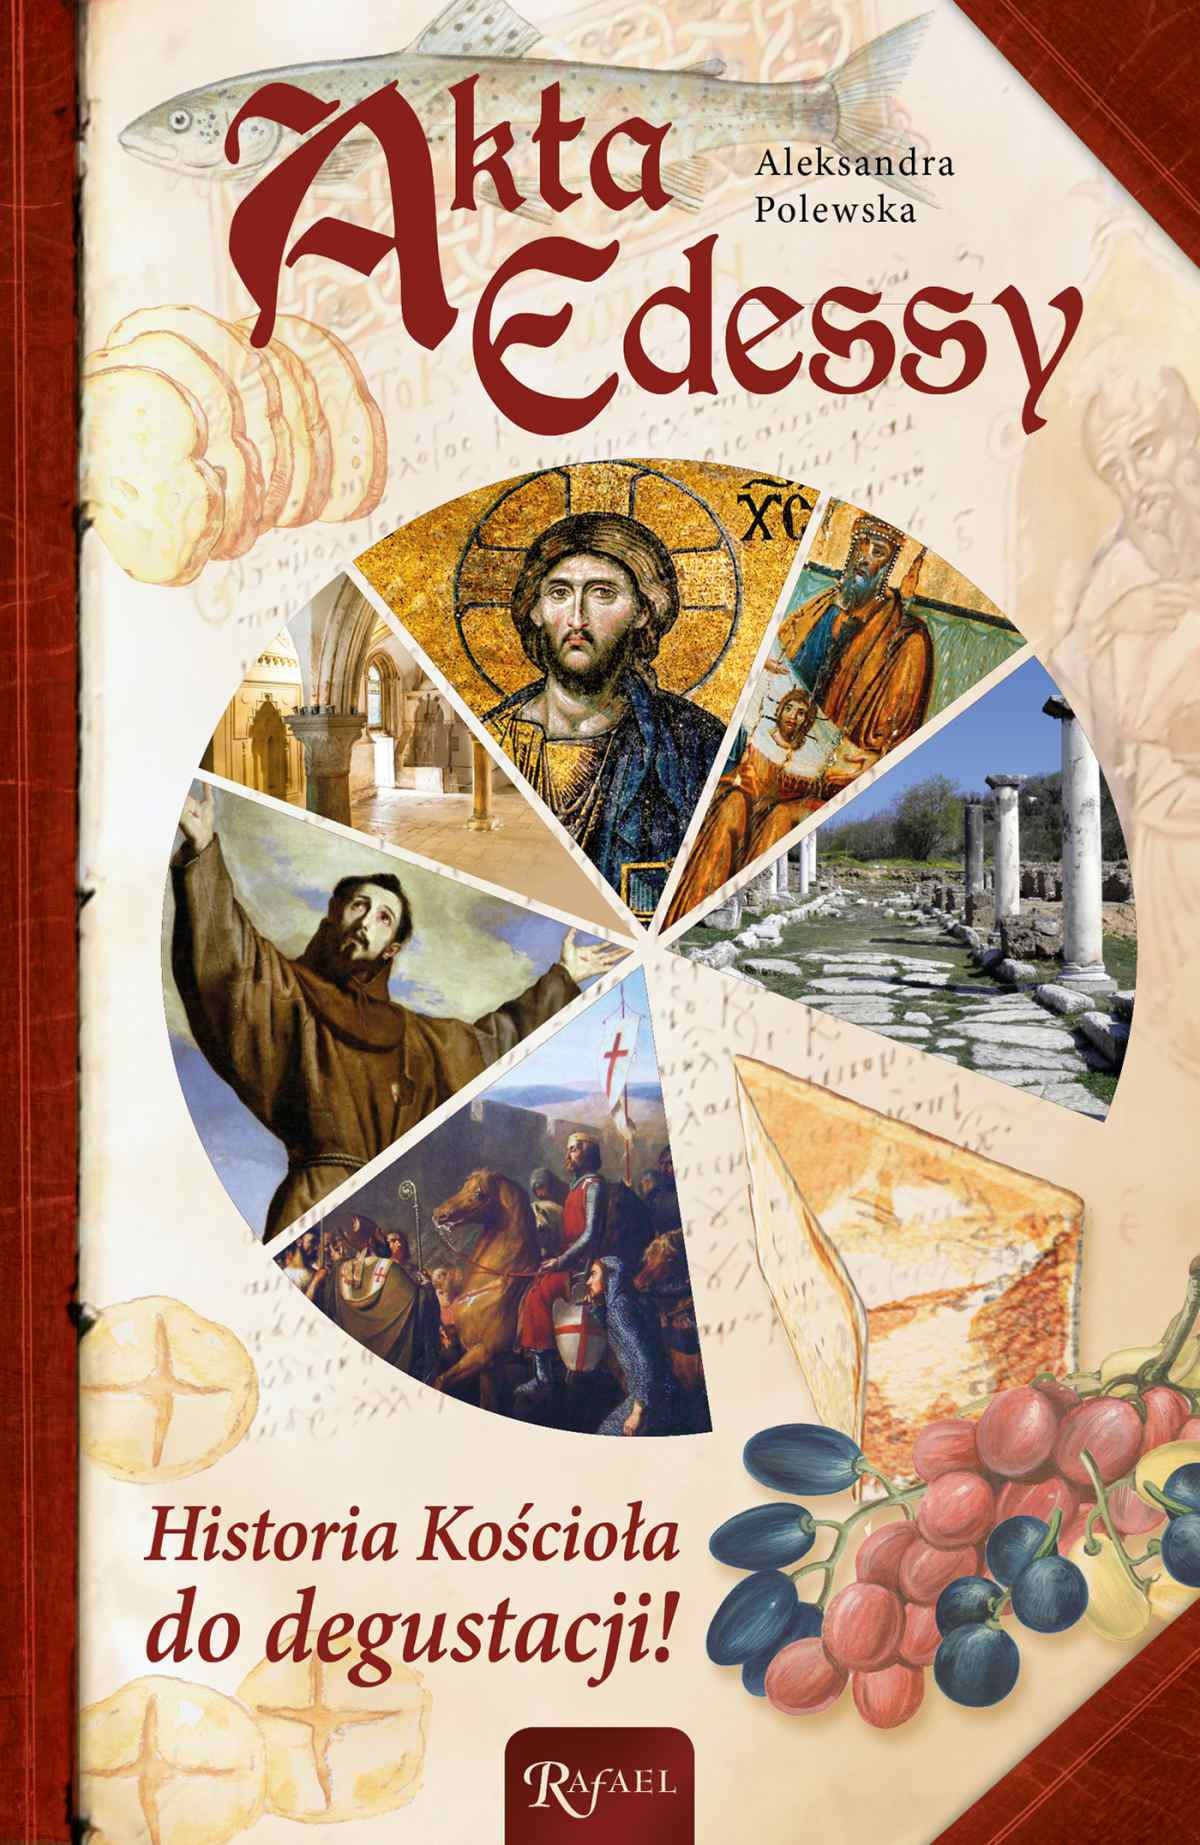 Akta Edessy. Historia Kościoła do degustacji! - Ebook (Książka PDF) do pobrania w formacie PDF